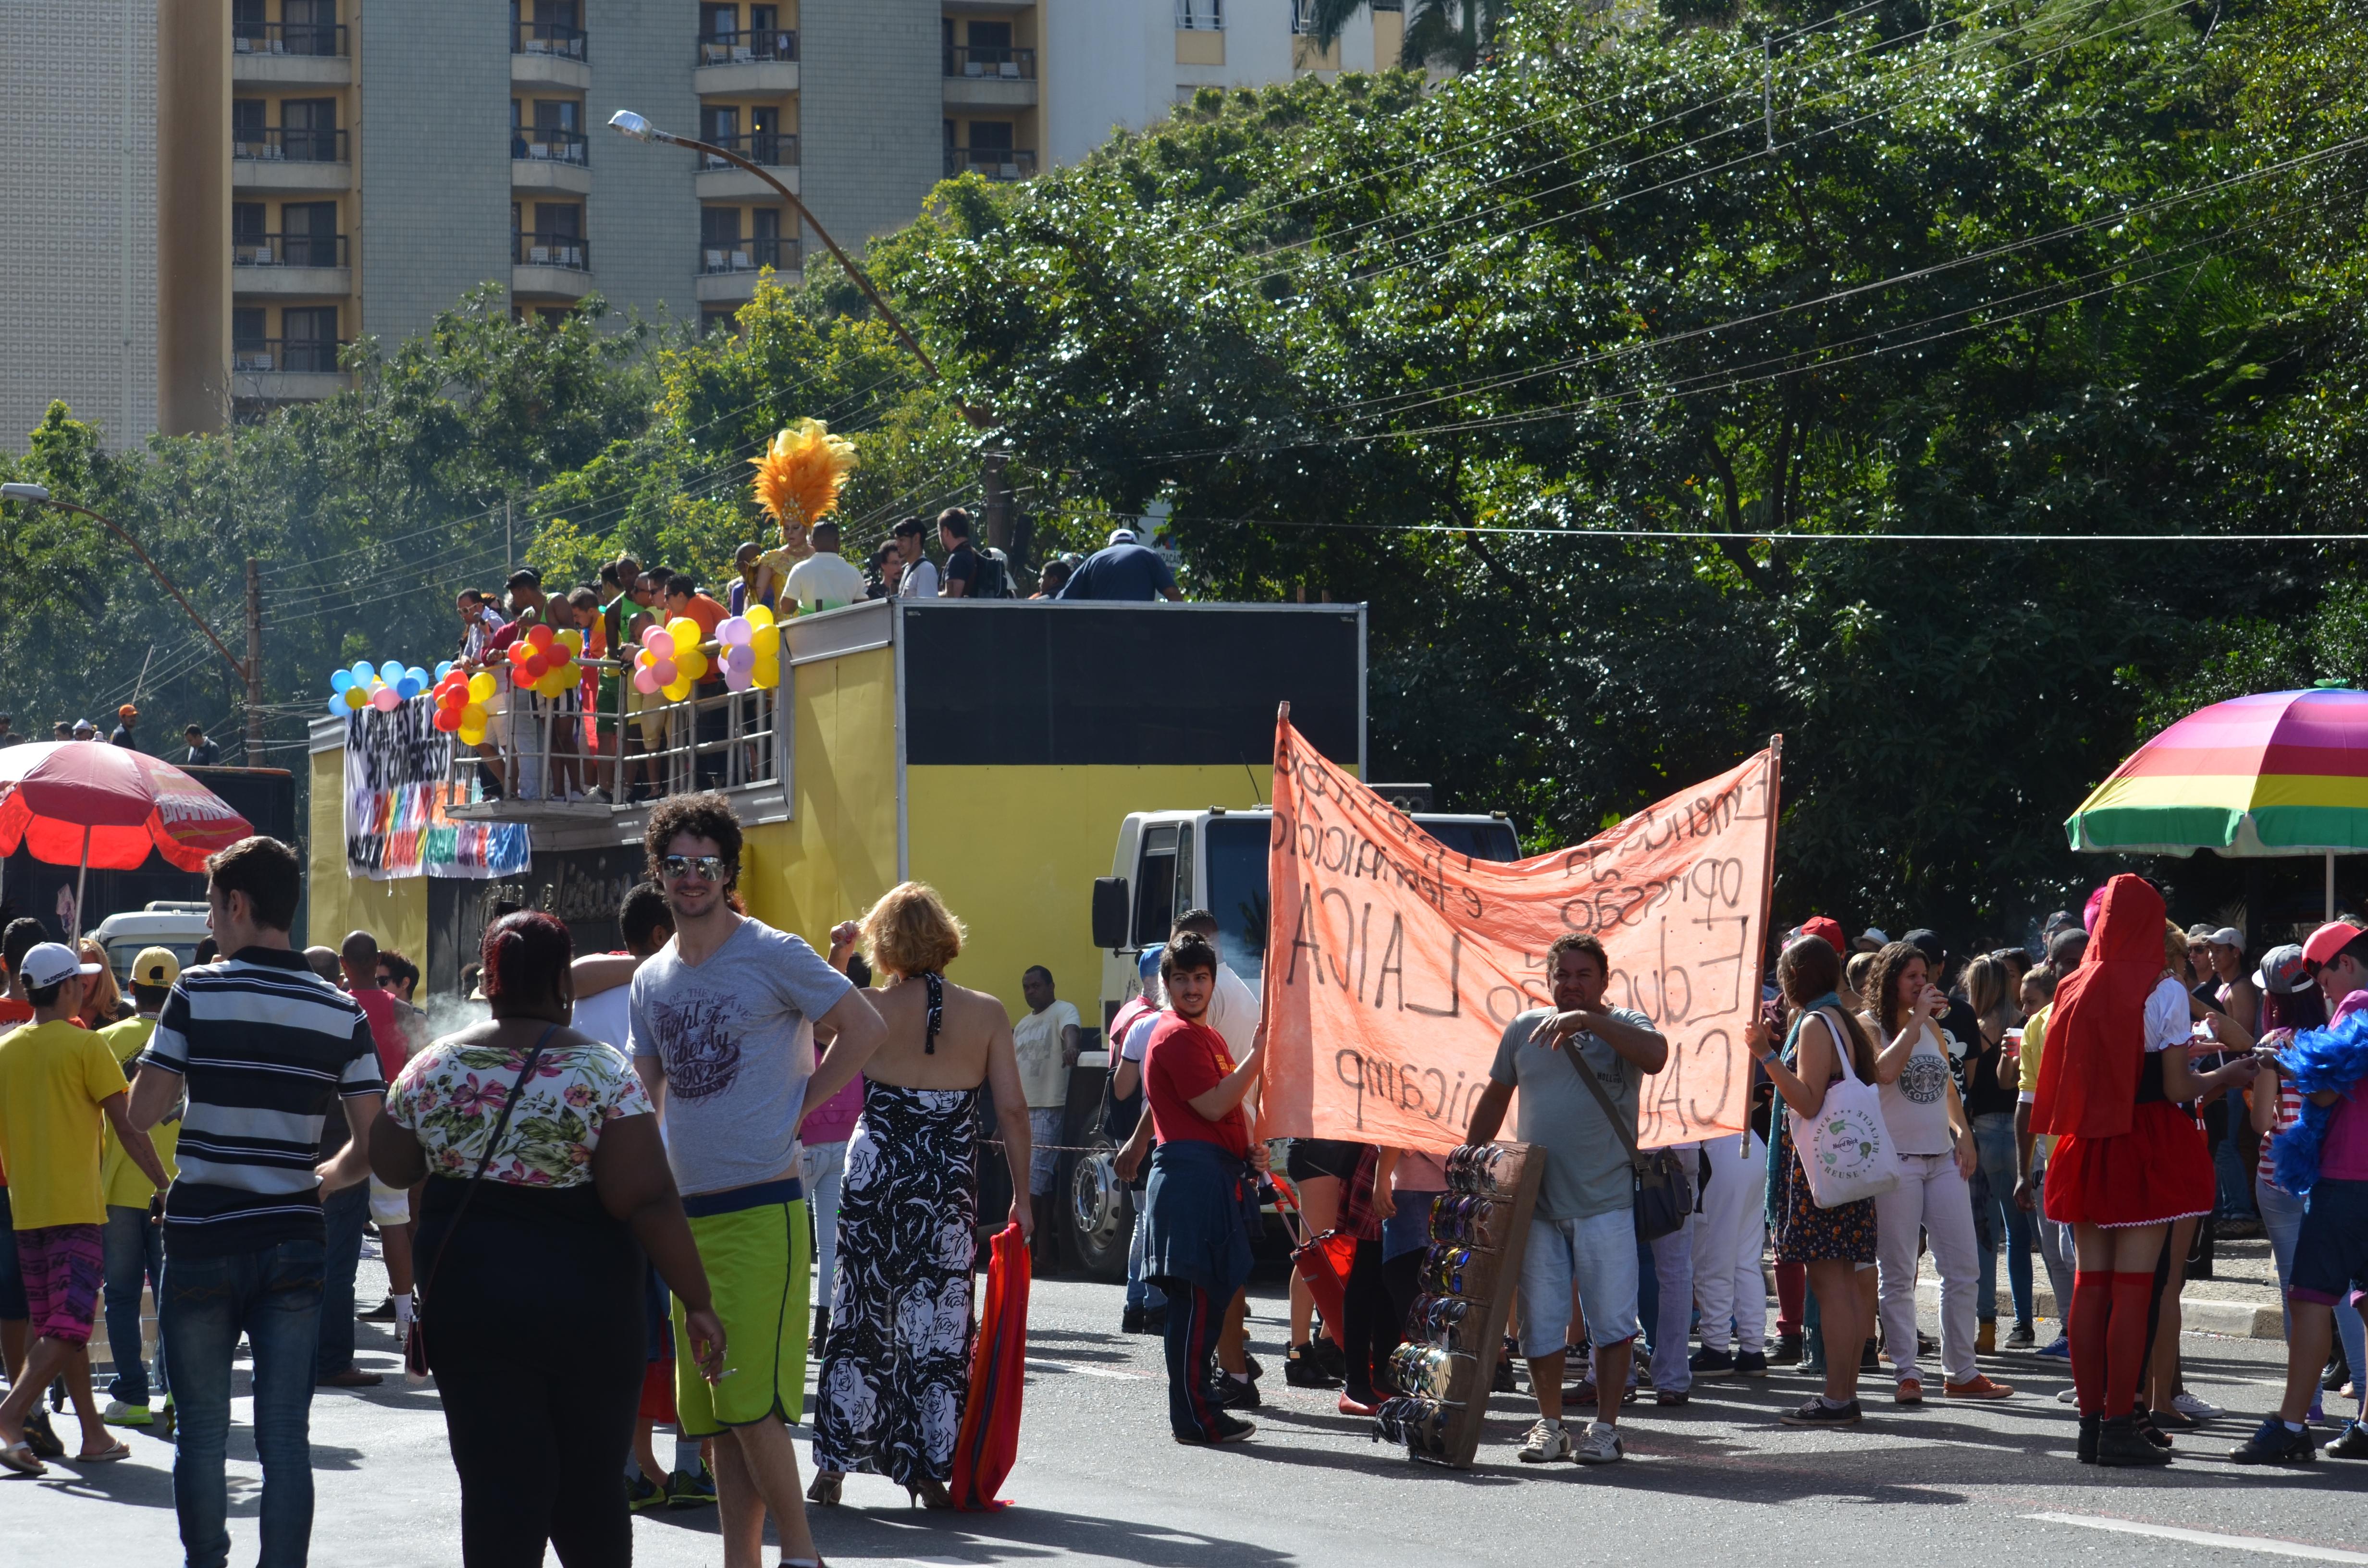 15ª edição da Parada do Orgulho LGBT em Campinas (SP)